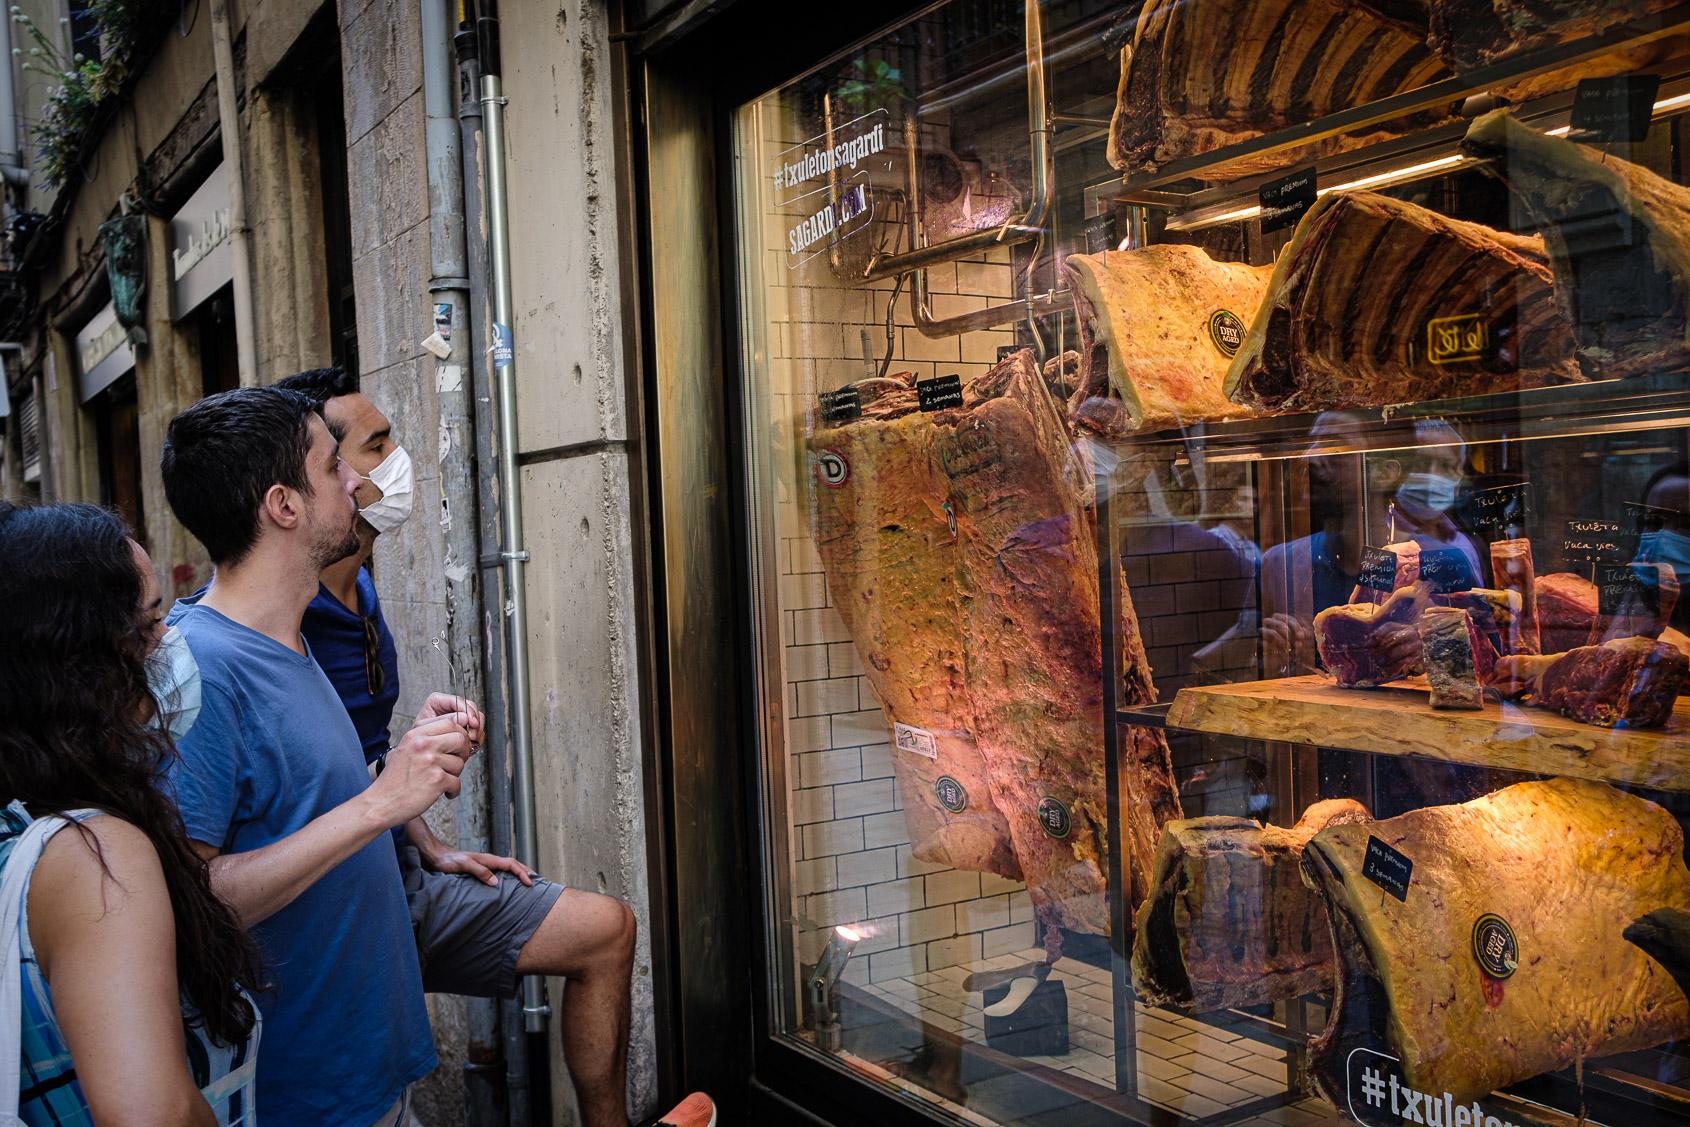 Un grup de gent a la porta d'una carnisseria a Barcelona /Jordi Borràs